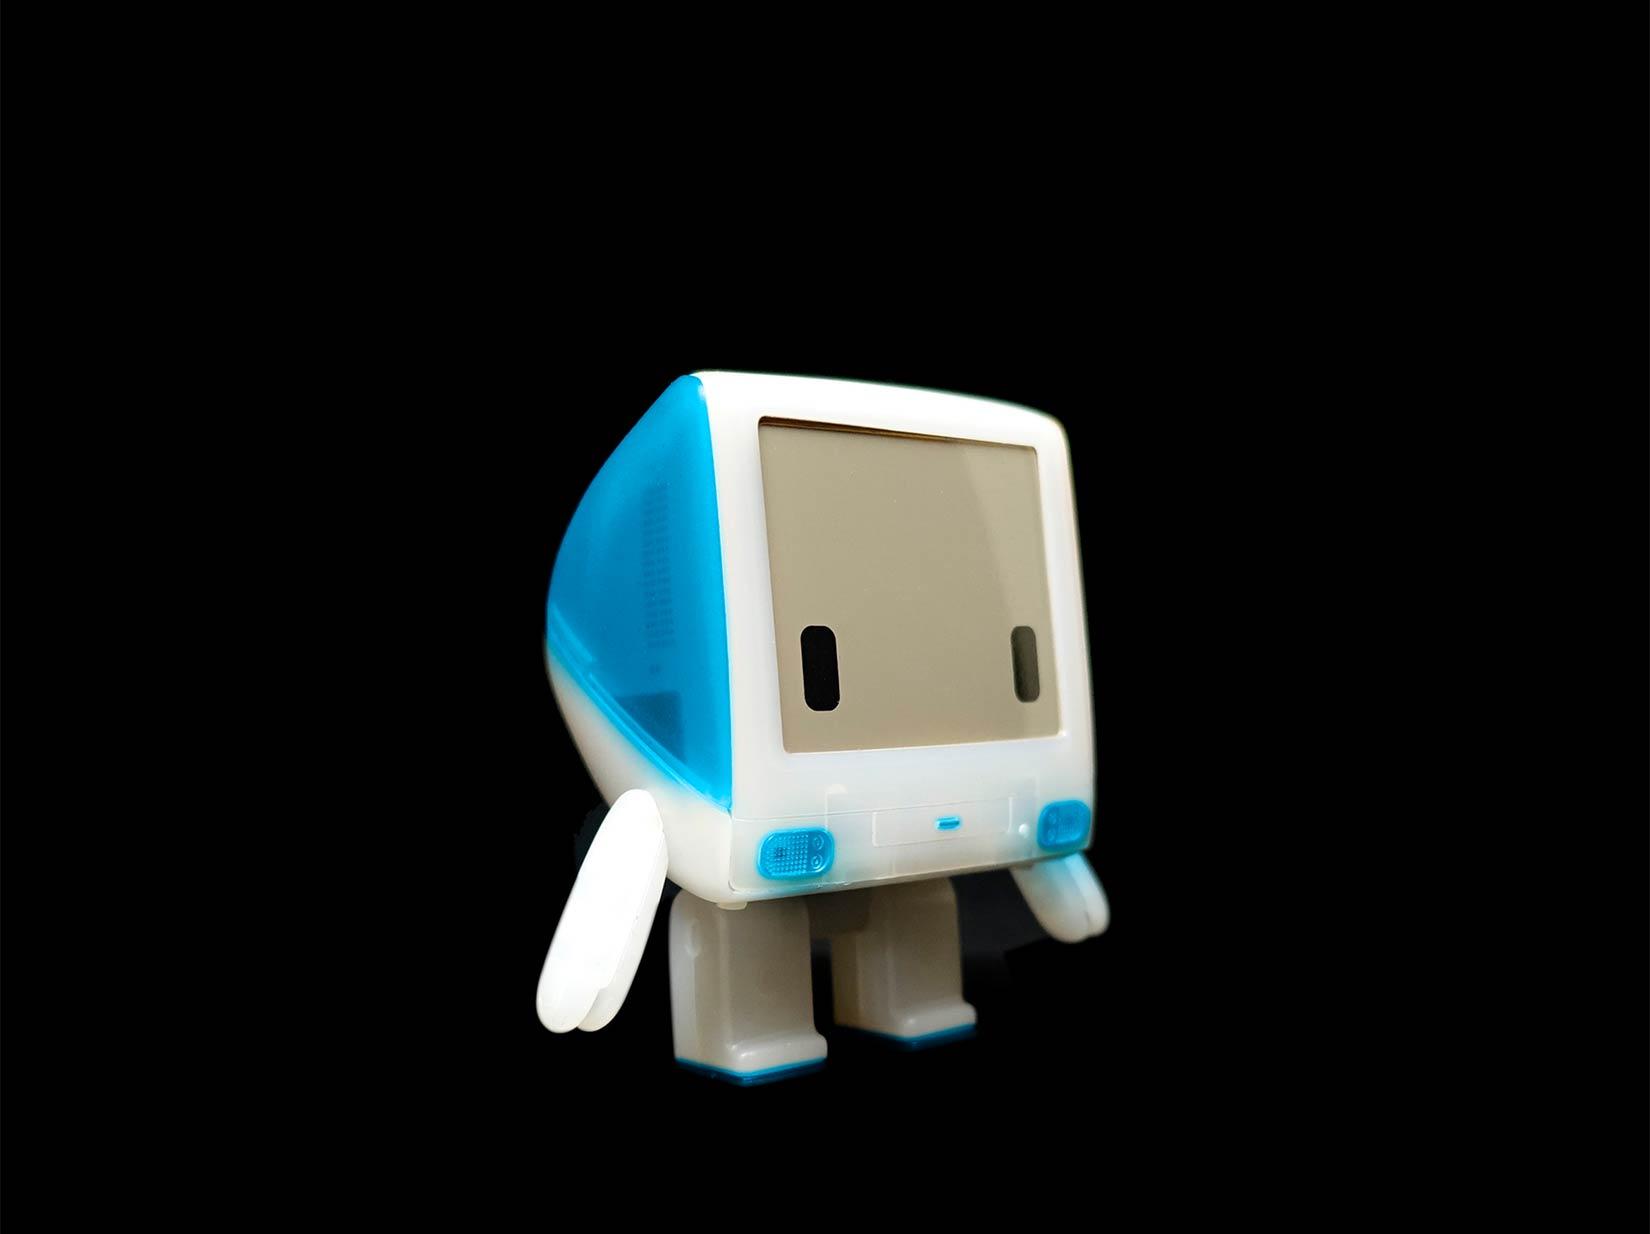 Mac toy